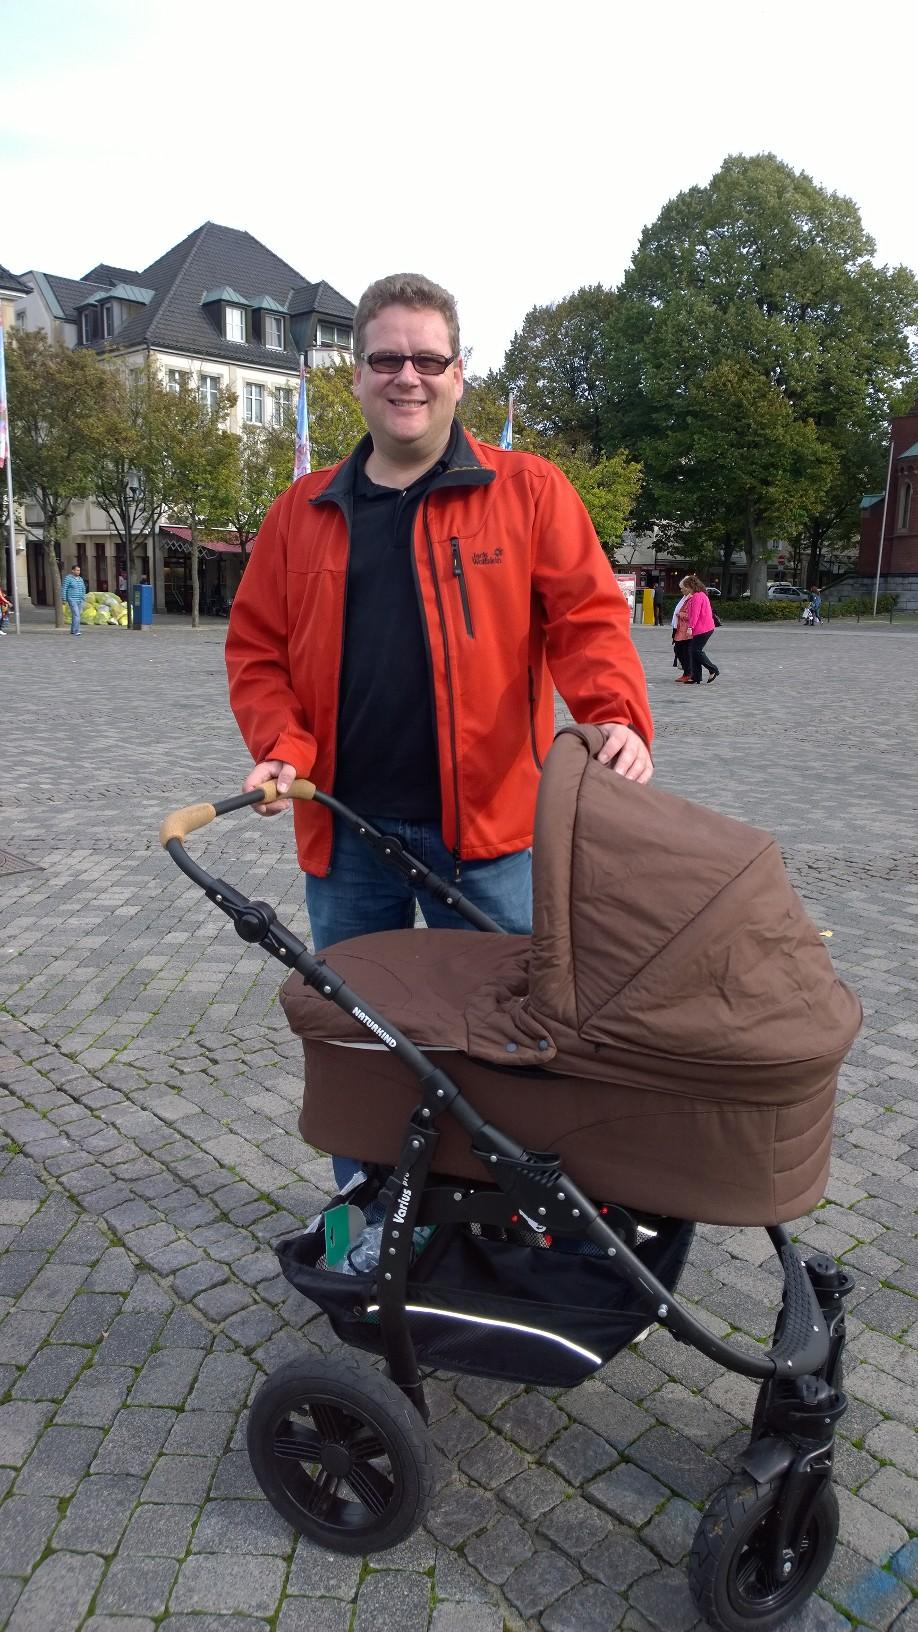 """Berufstätige Eltern sind auf bezahlbare Plätze zur Kinderbetreuung angewiesen"""", so Ronny Gängler, Pirat und Familienvater aus Arnsberg. (foto: piraten)"""